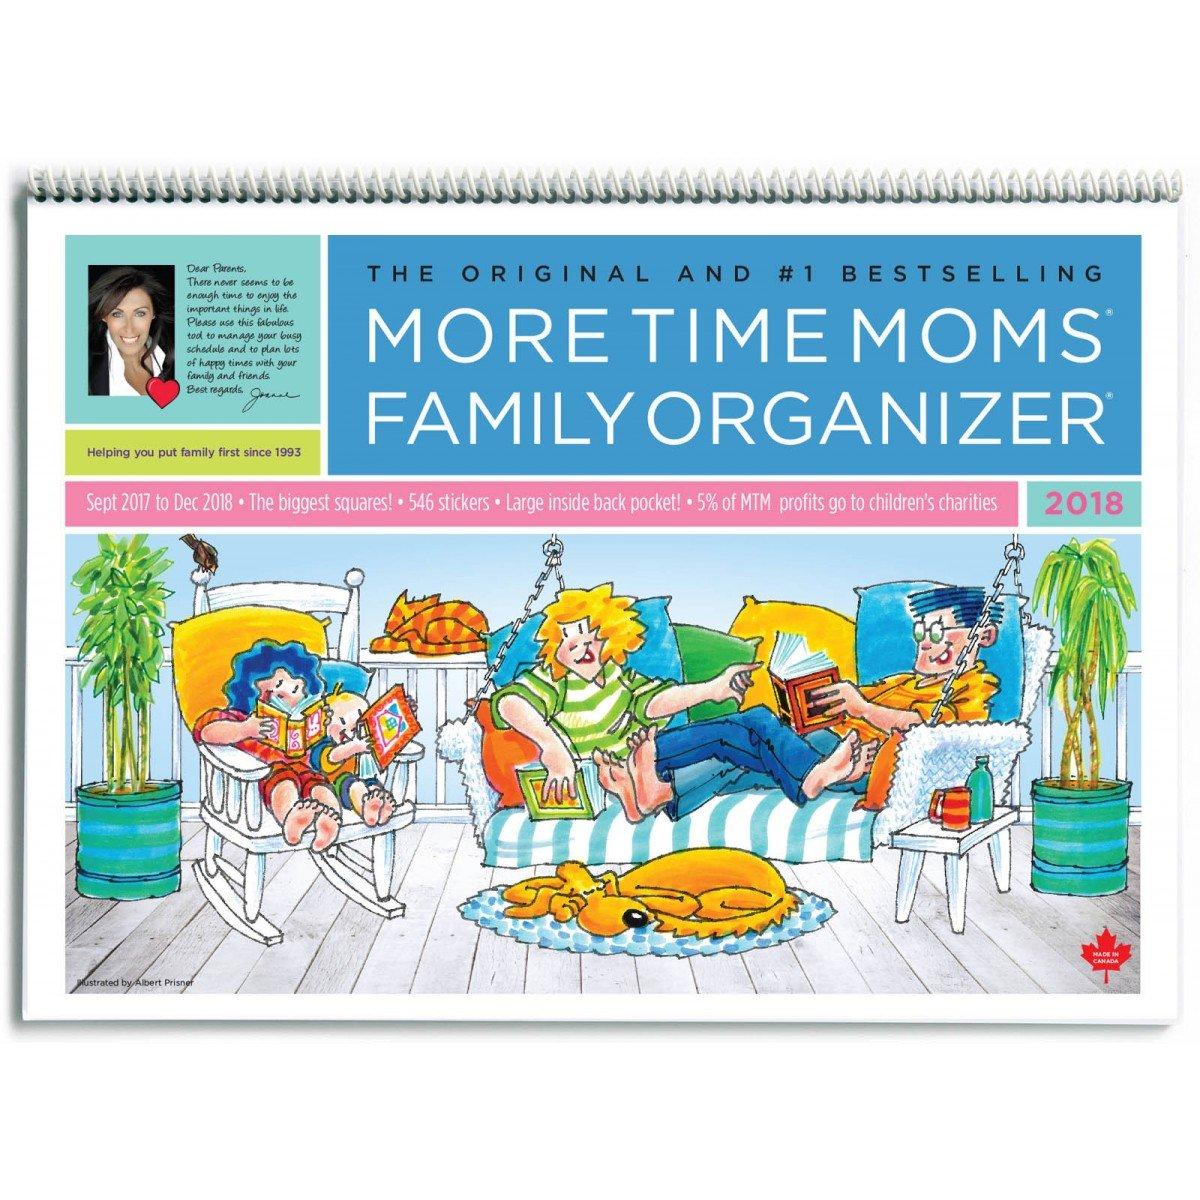 Amazon.com: More Time Moms - 2018 Family Organizer Wall Calendar ...